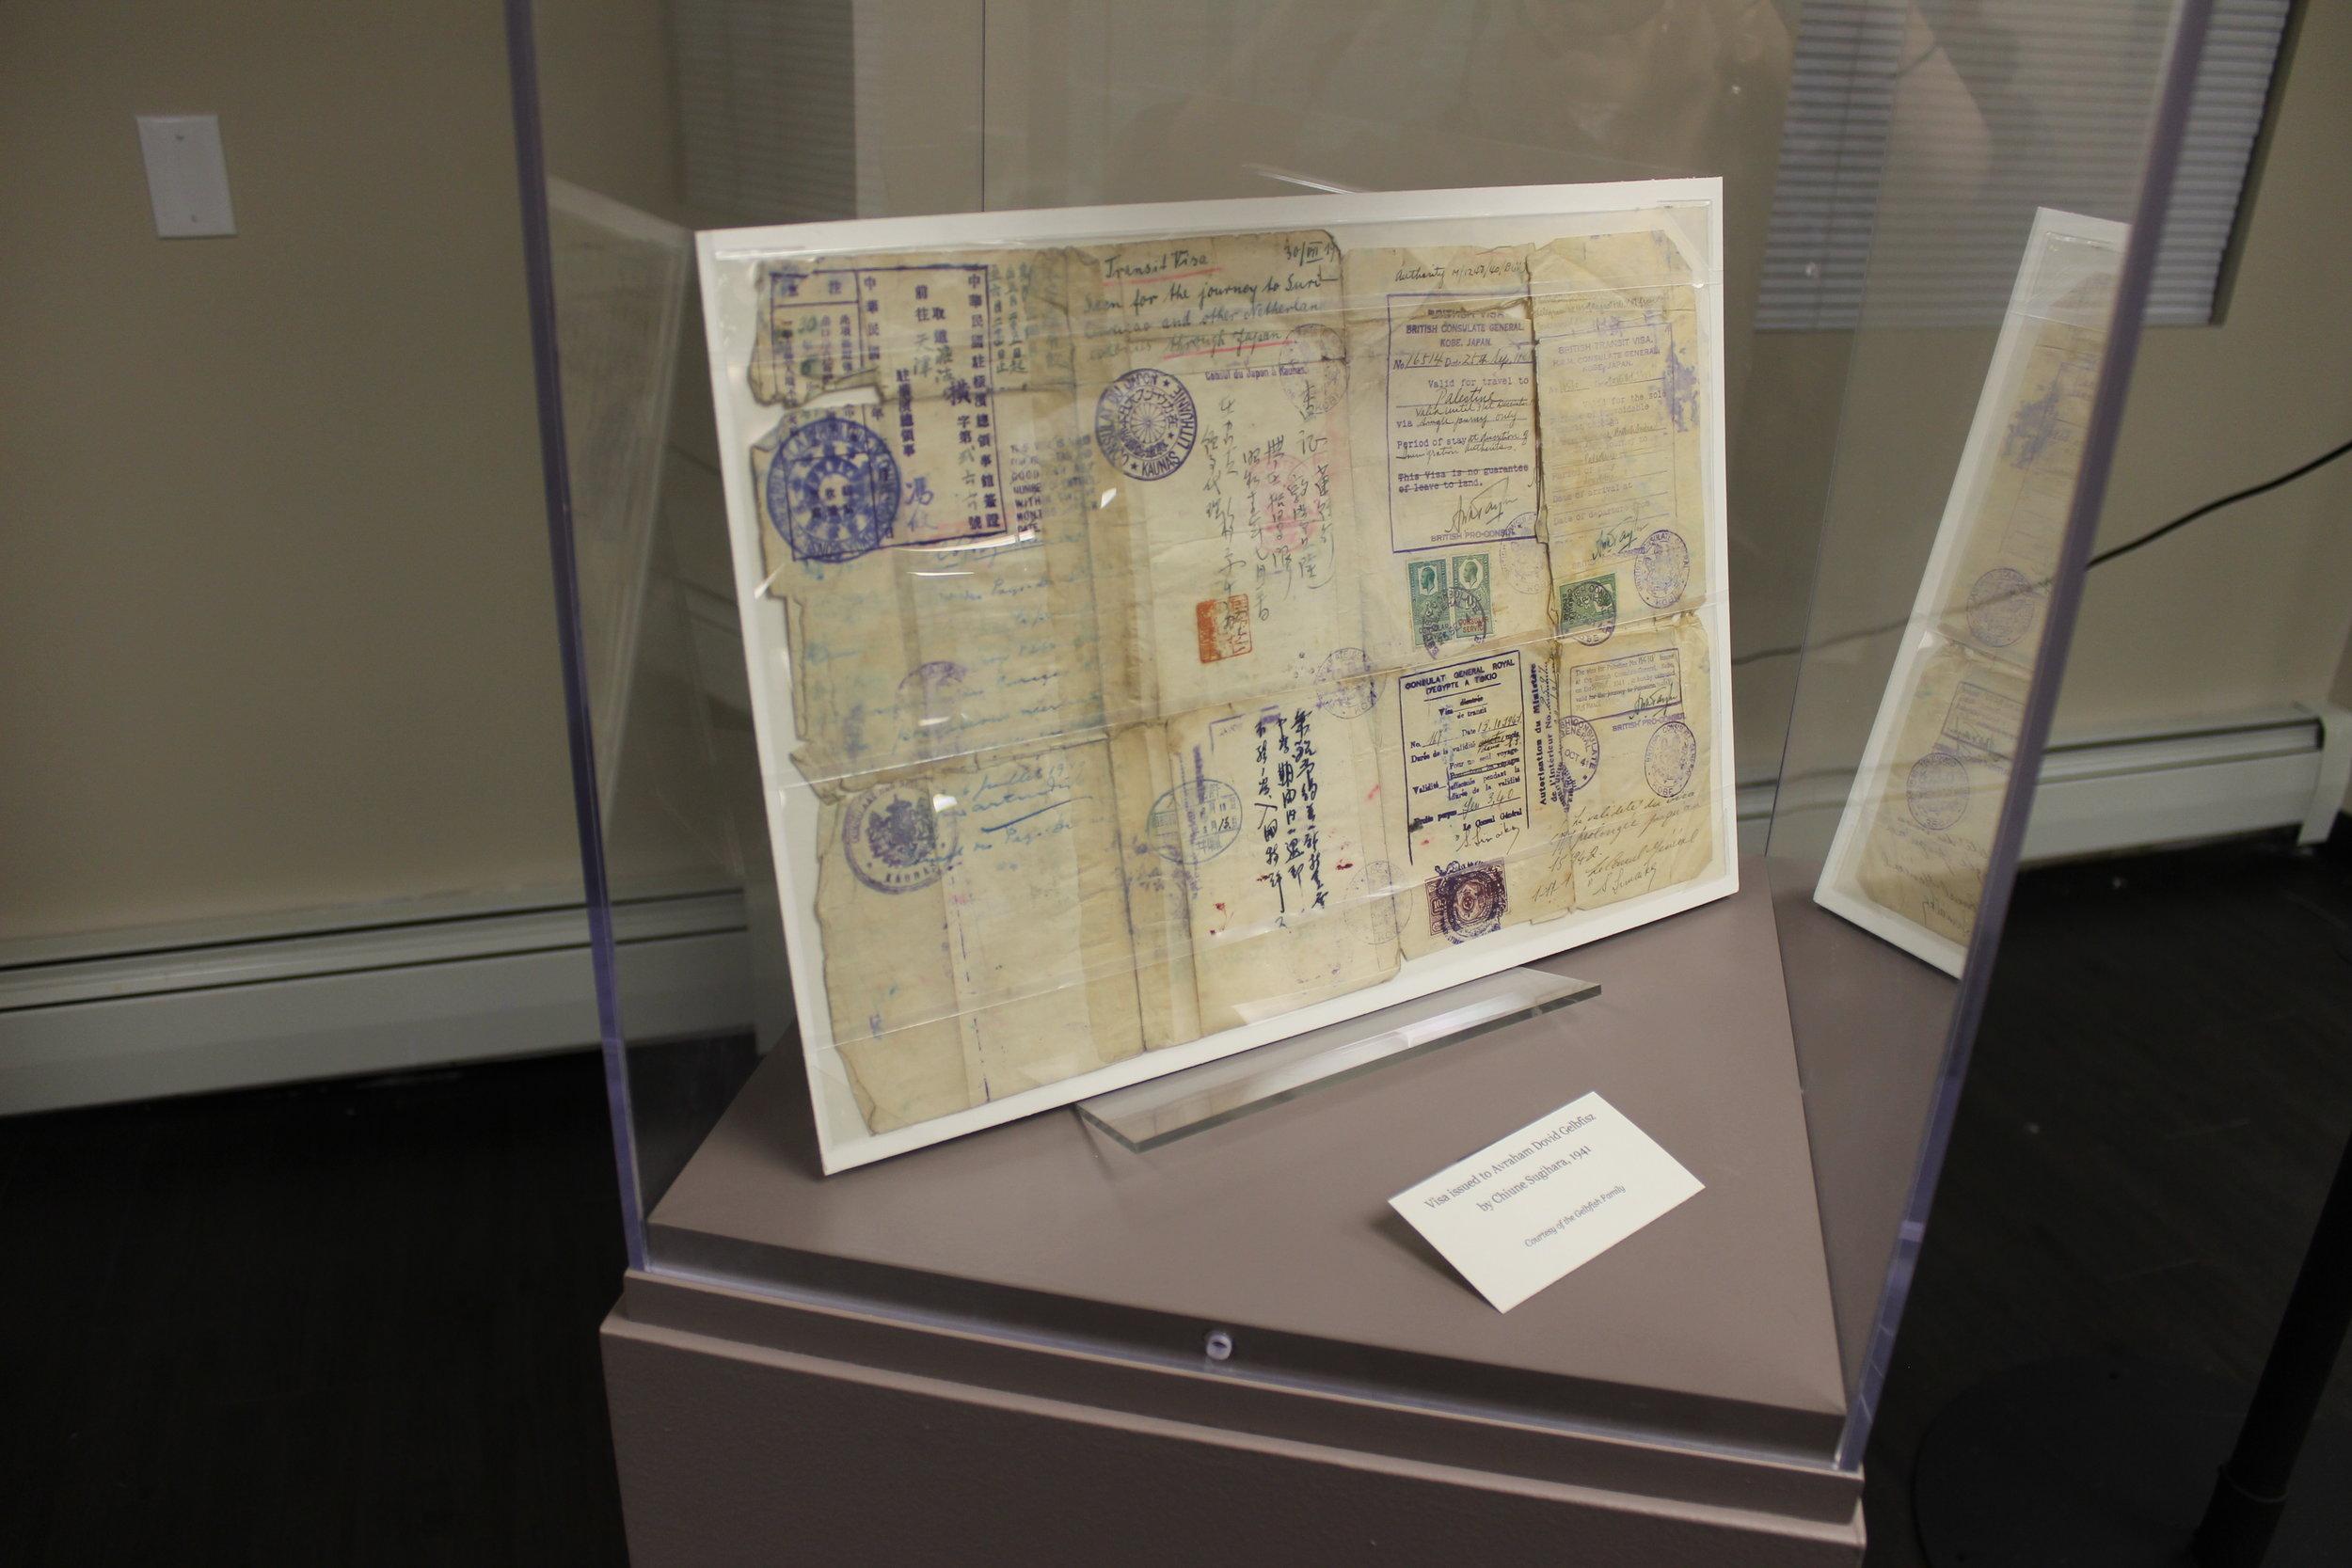 Visa issued to Avraham Dovid Gelbfisz by Chiune Sugihara, 1941